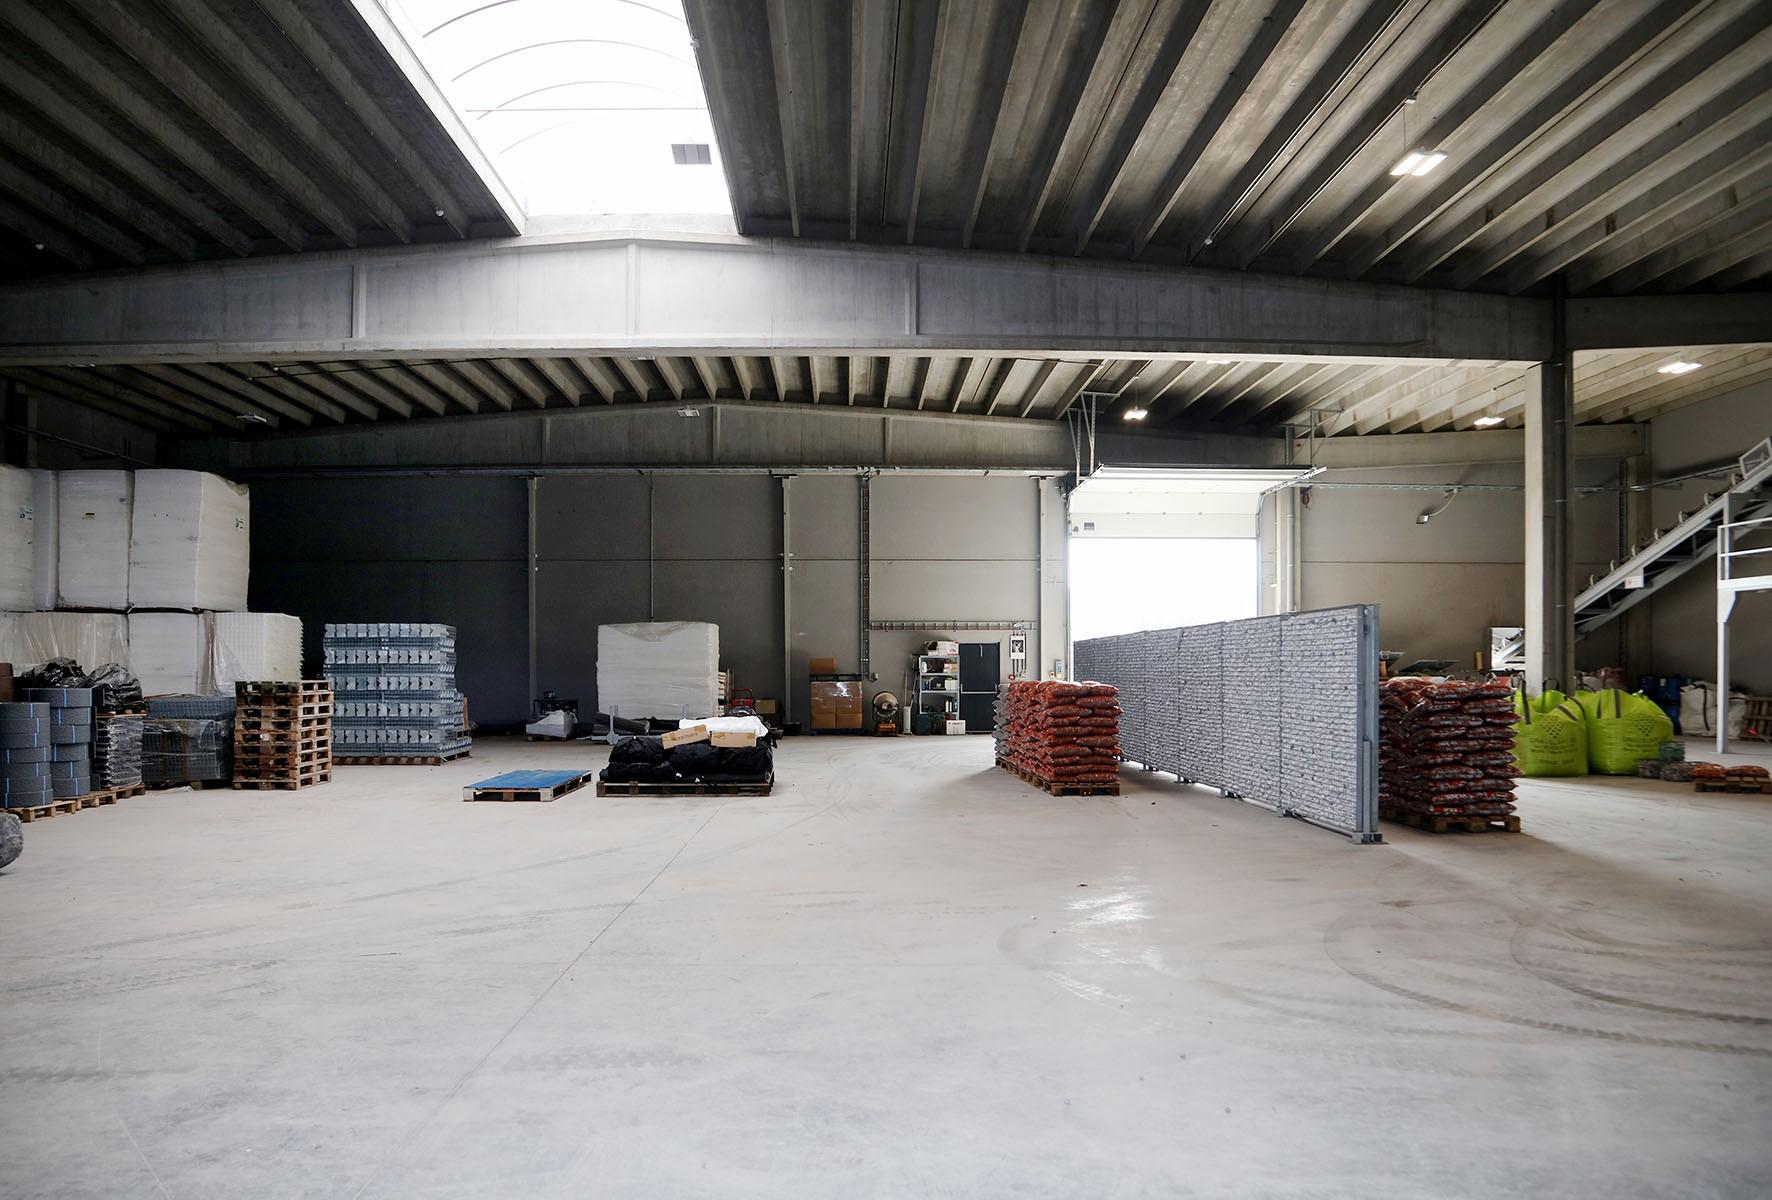 Entrepôt K gravelart wevelgem02